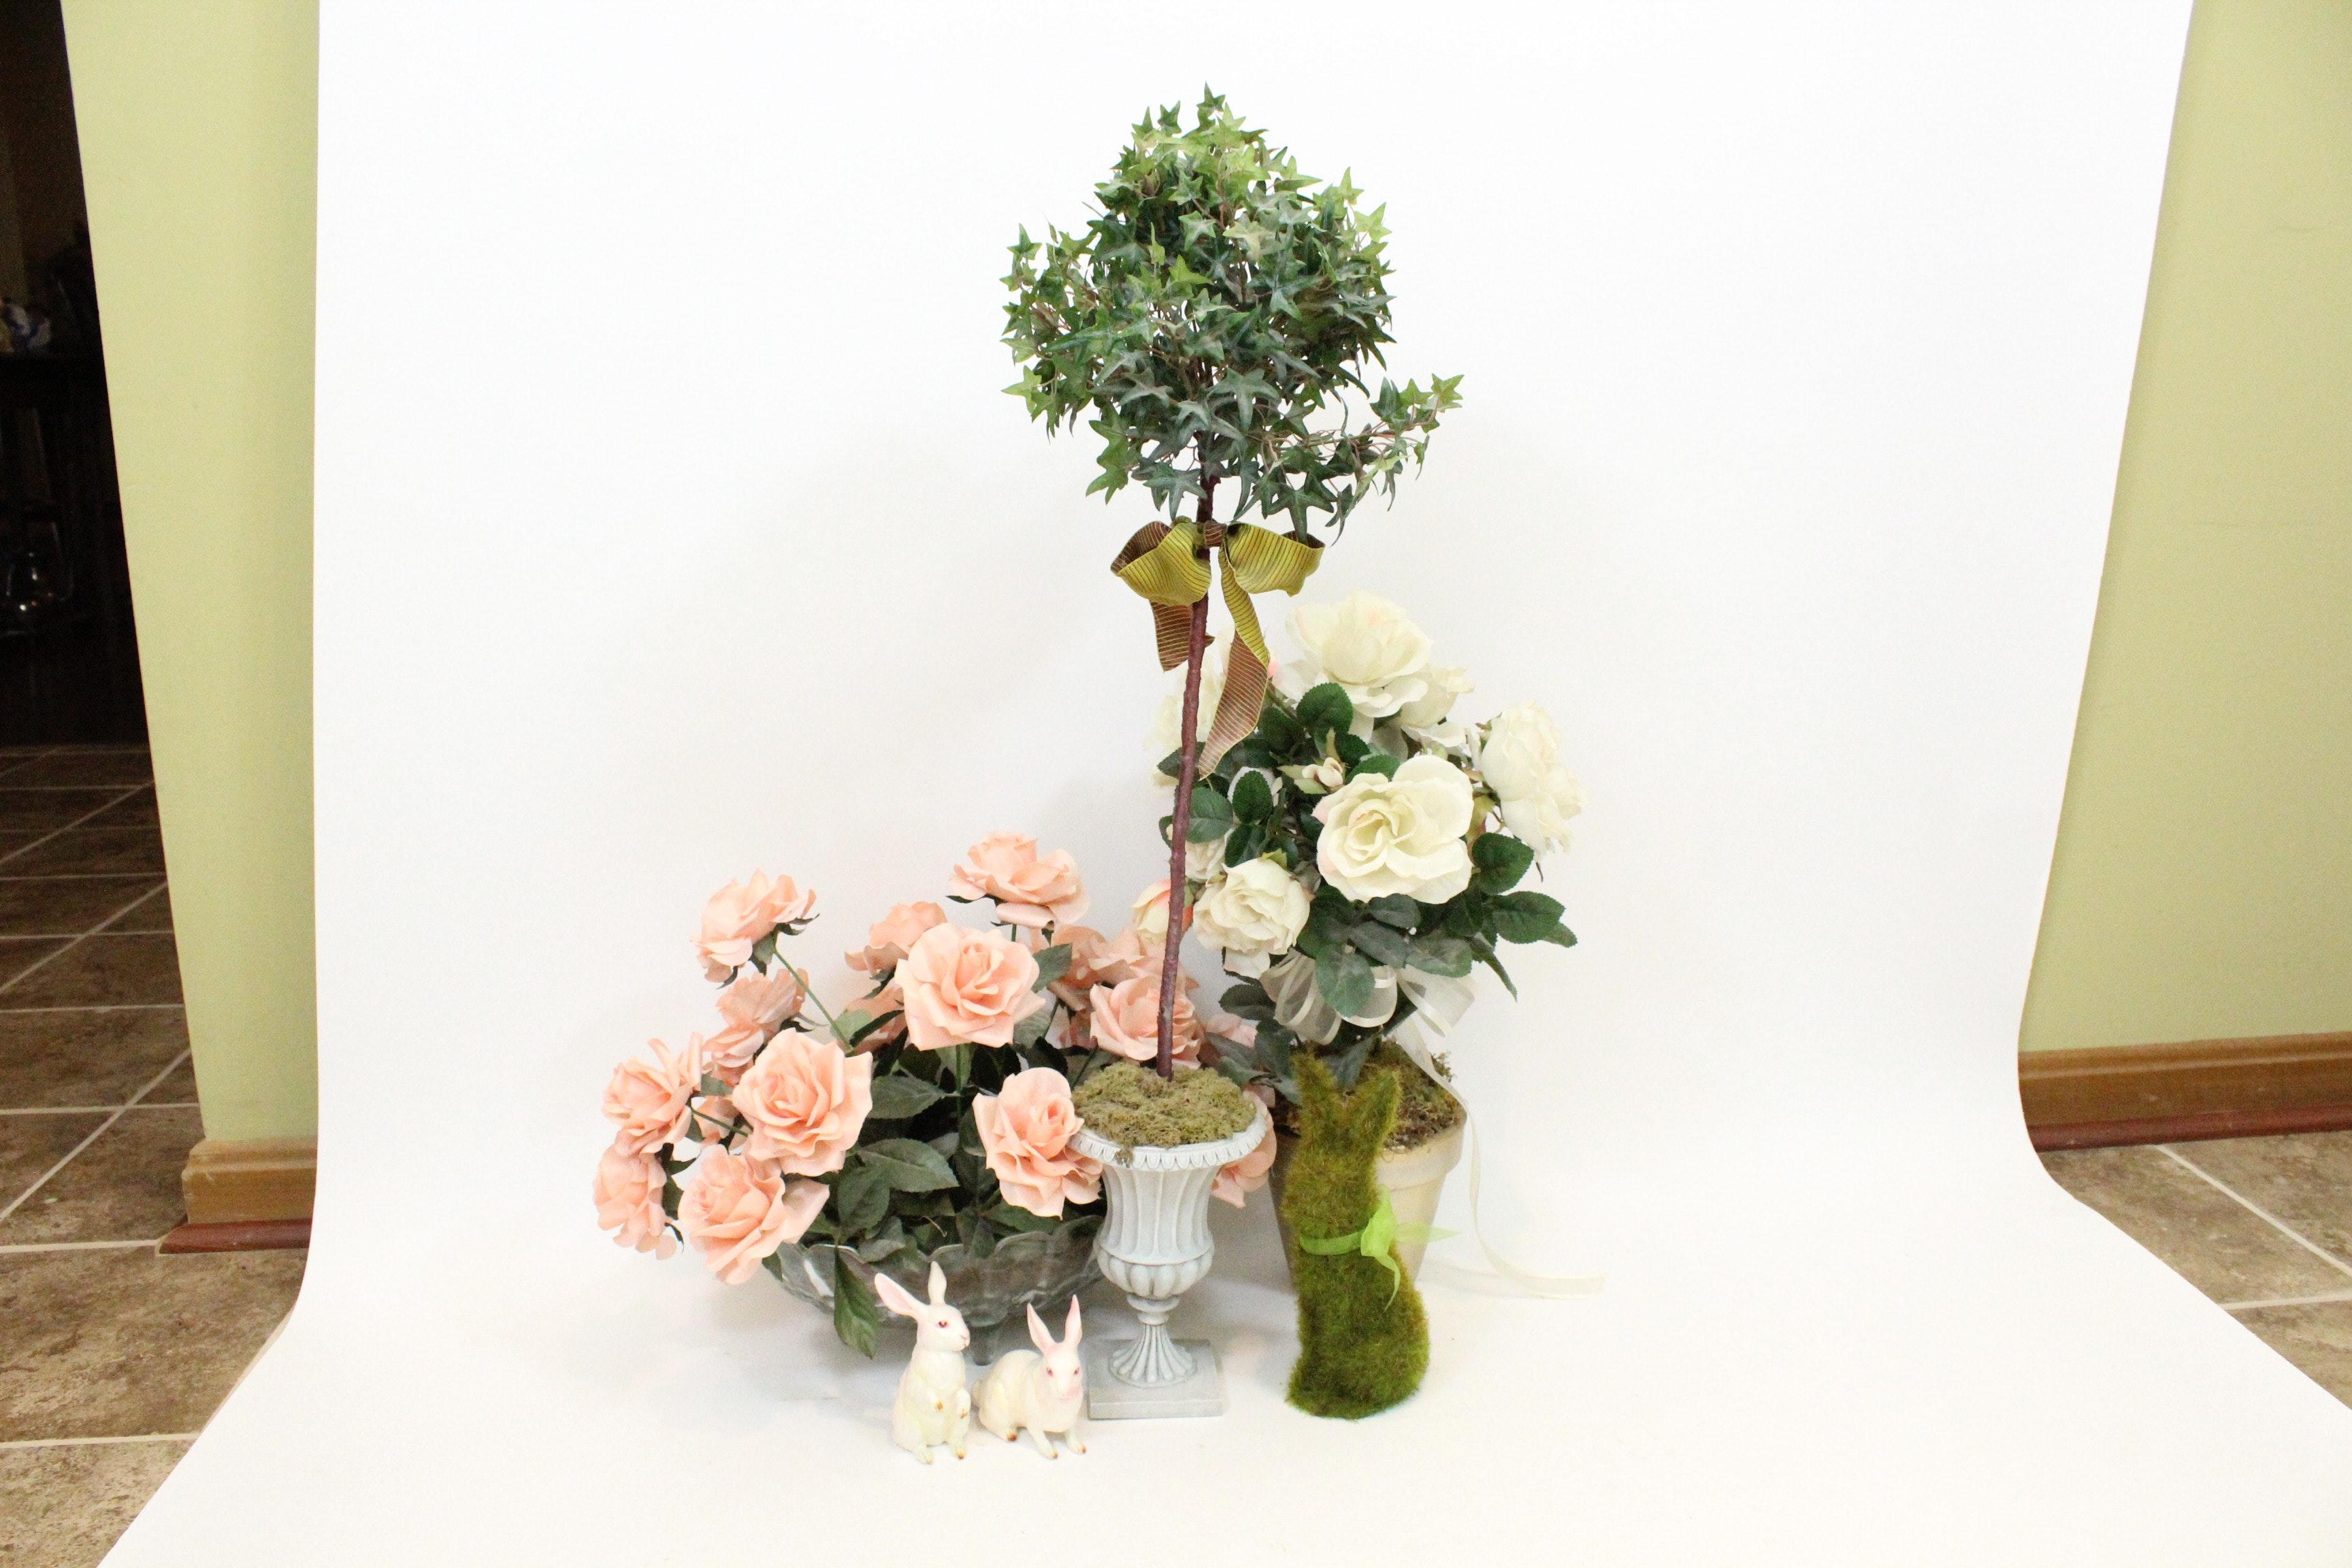 Floral And Bunny Garden Decor ...